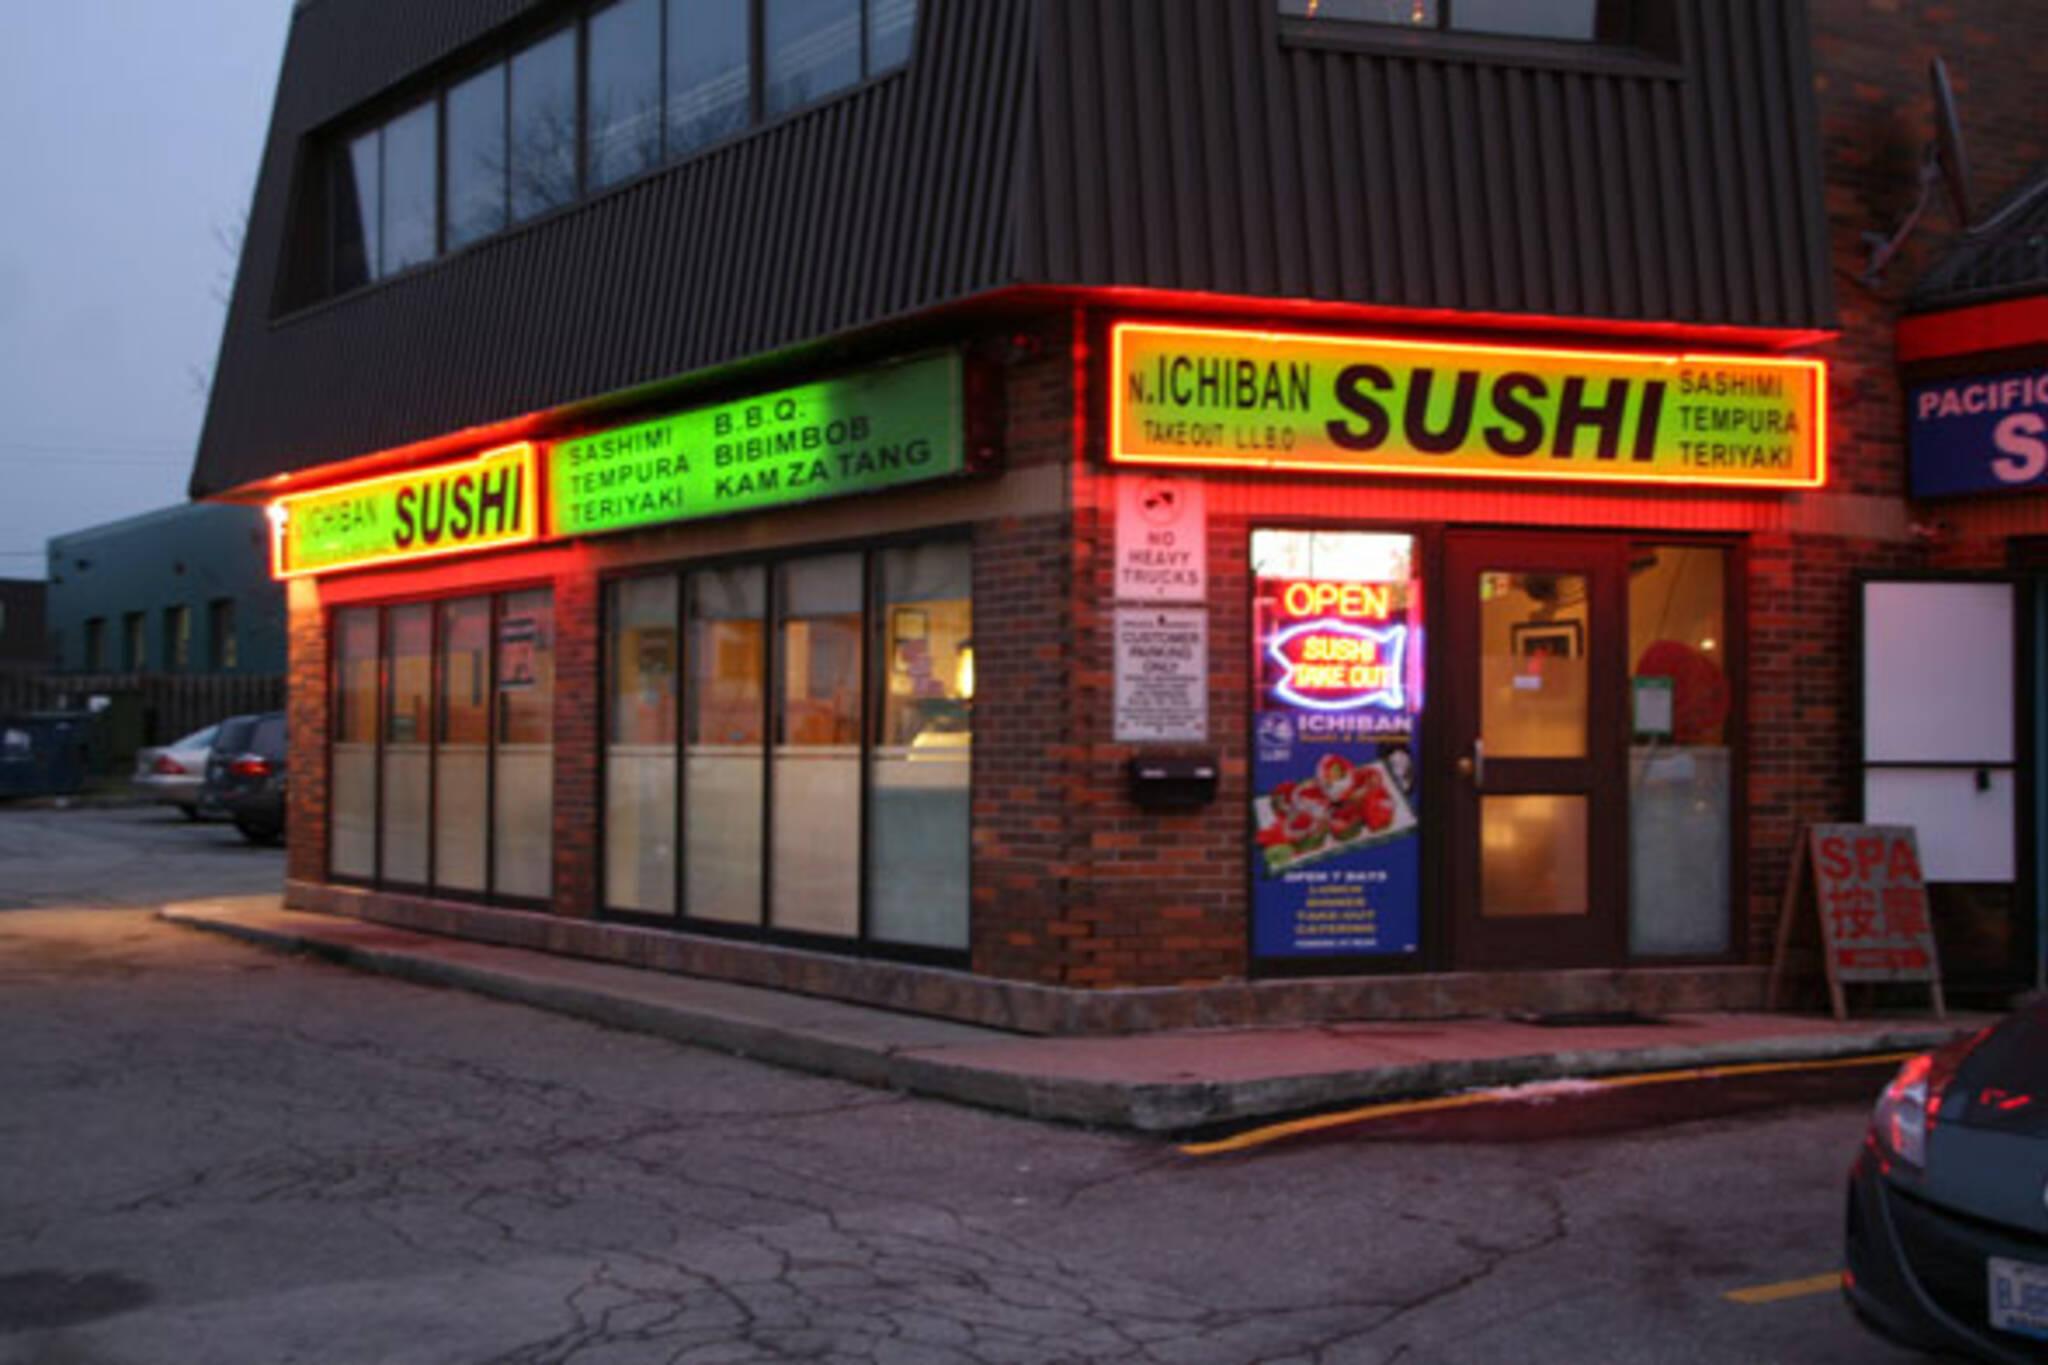 N. Ichiban Sushi